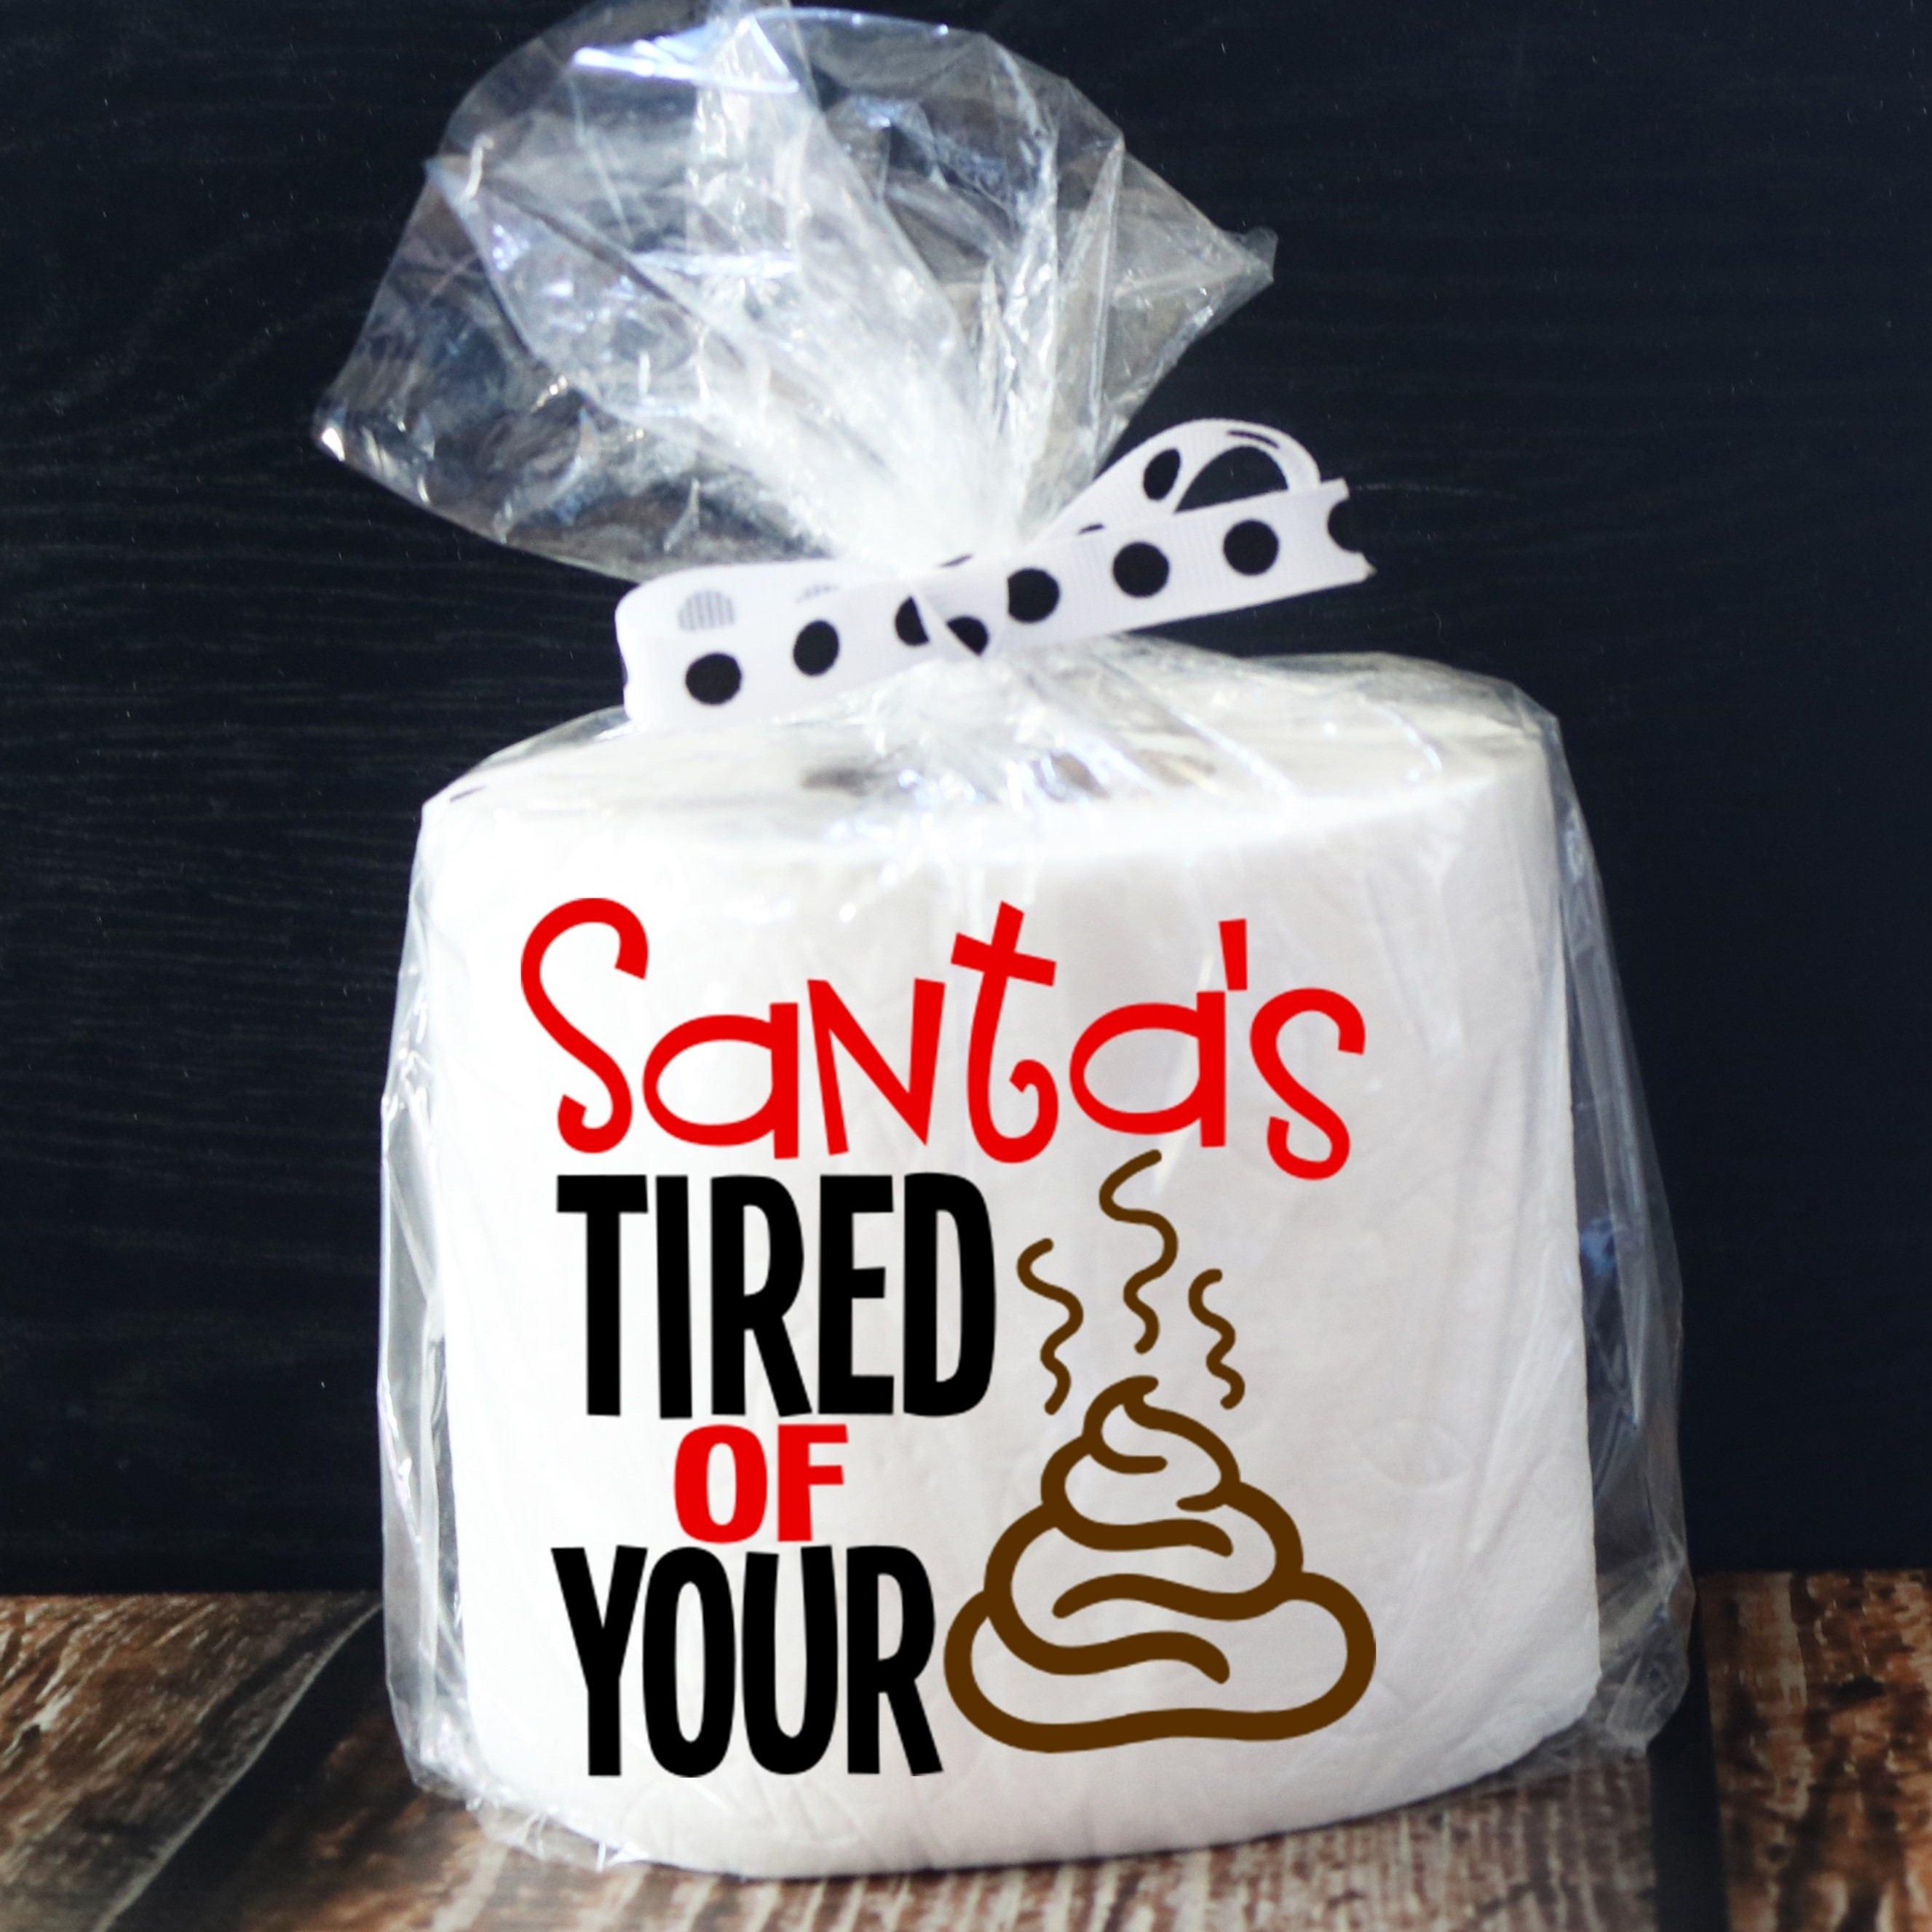 Weihnachten-Gag-Geschenk / Funny Weihnachtsgeschenk / Santa / Secret Santa weiß Elefant / Poop Emoji / Geschenk-Kartenhalter / Töpfchen Humor / ...